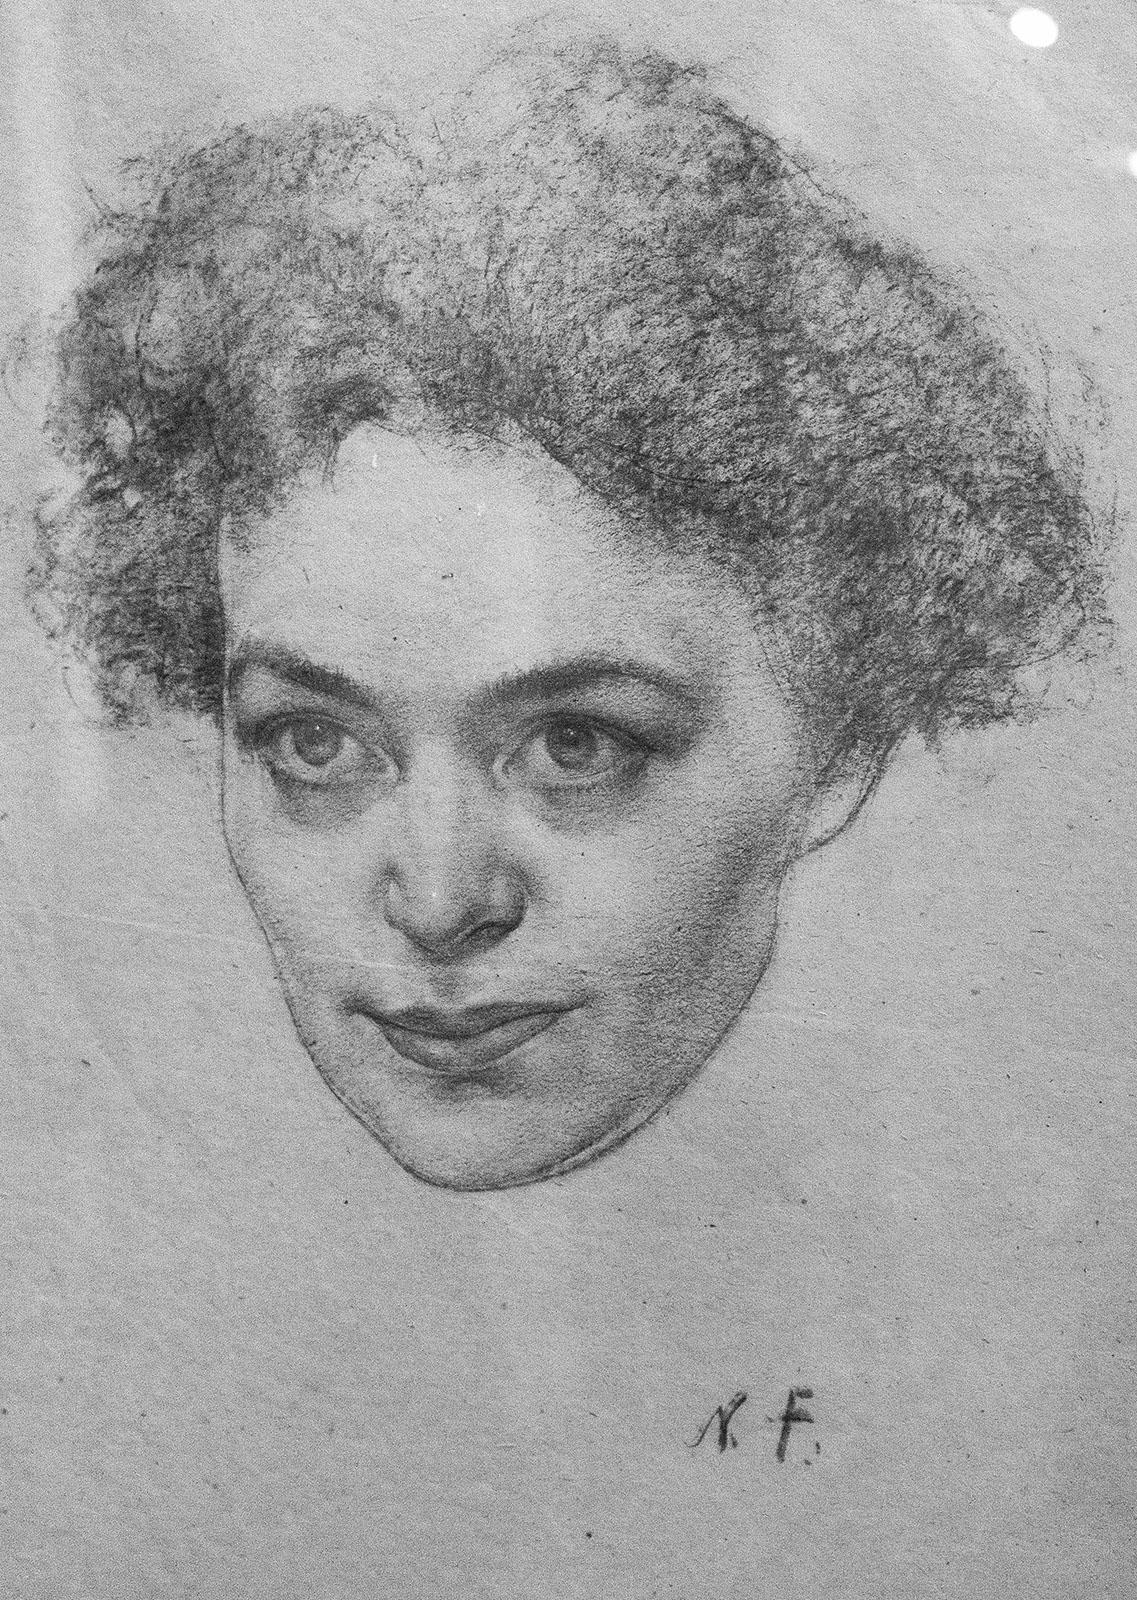 Фото №86599. Женский портрет. 1940-е. Фешин. Н.И.